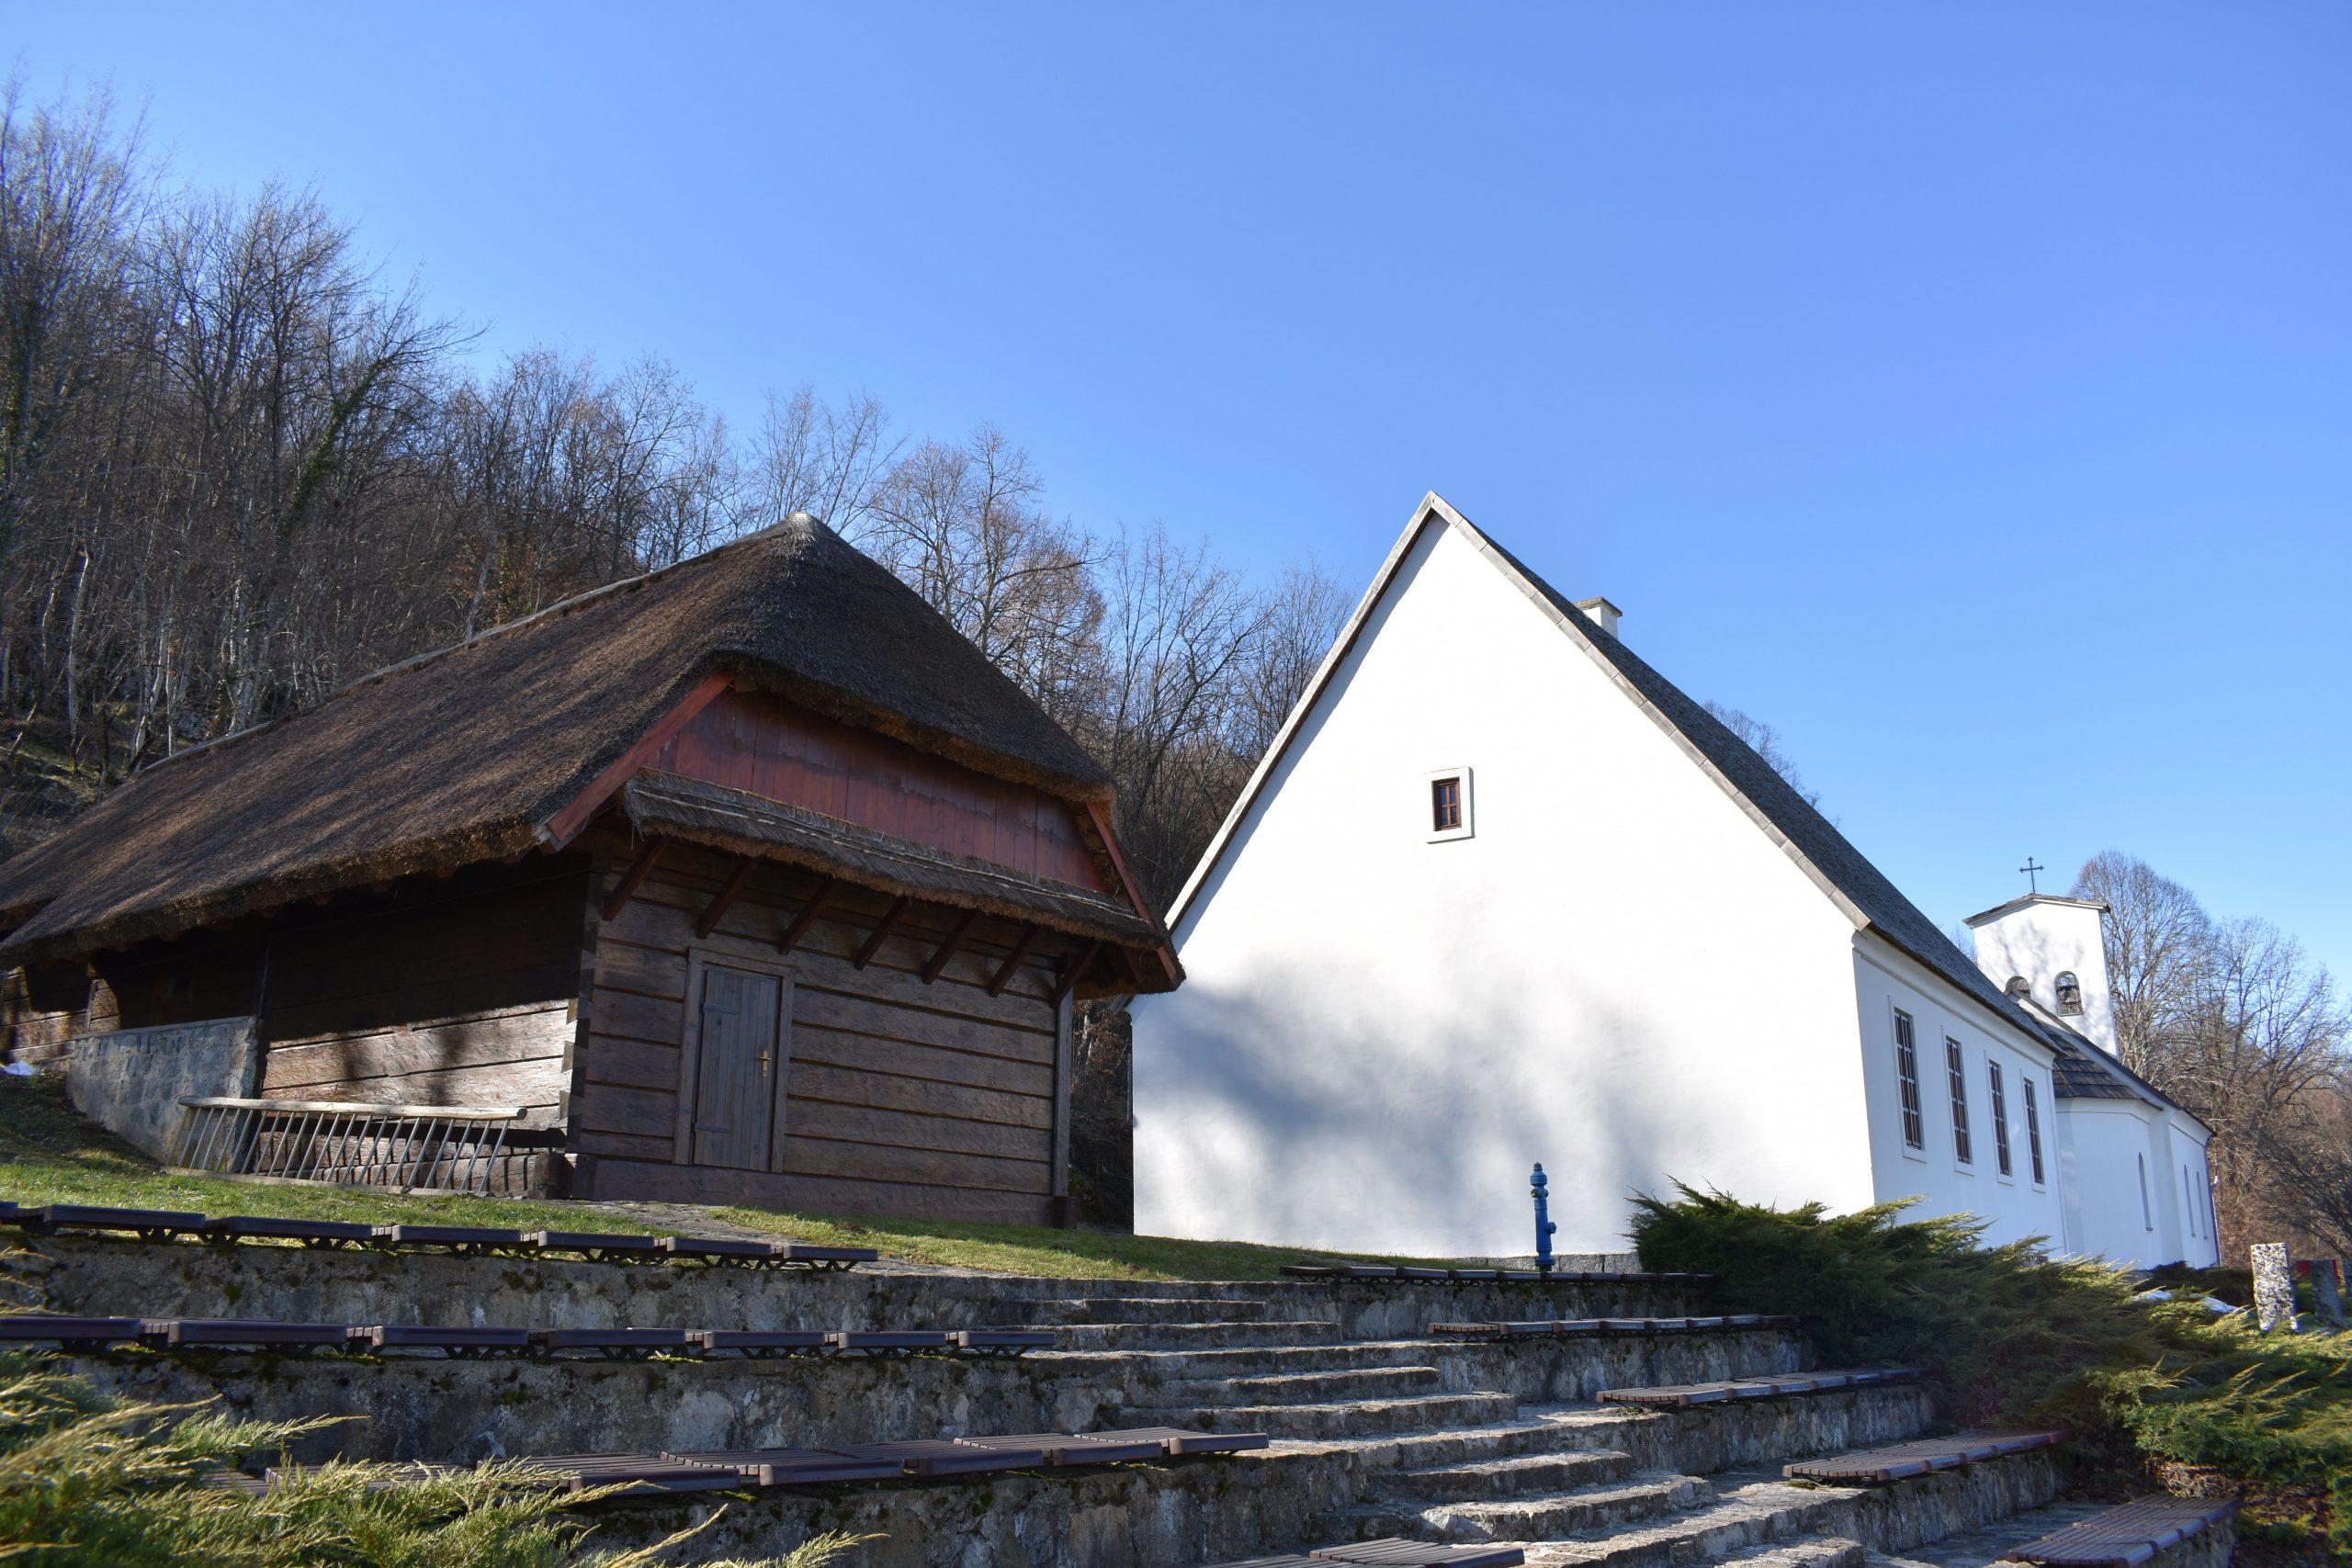 foto: Marin Smolčić